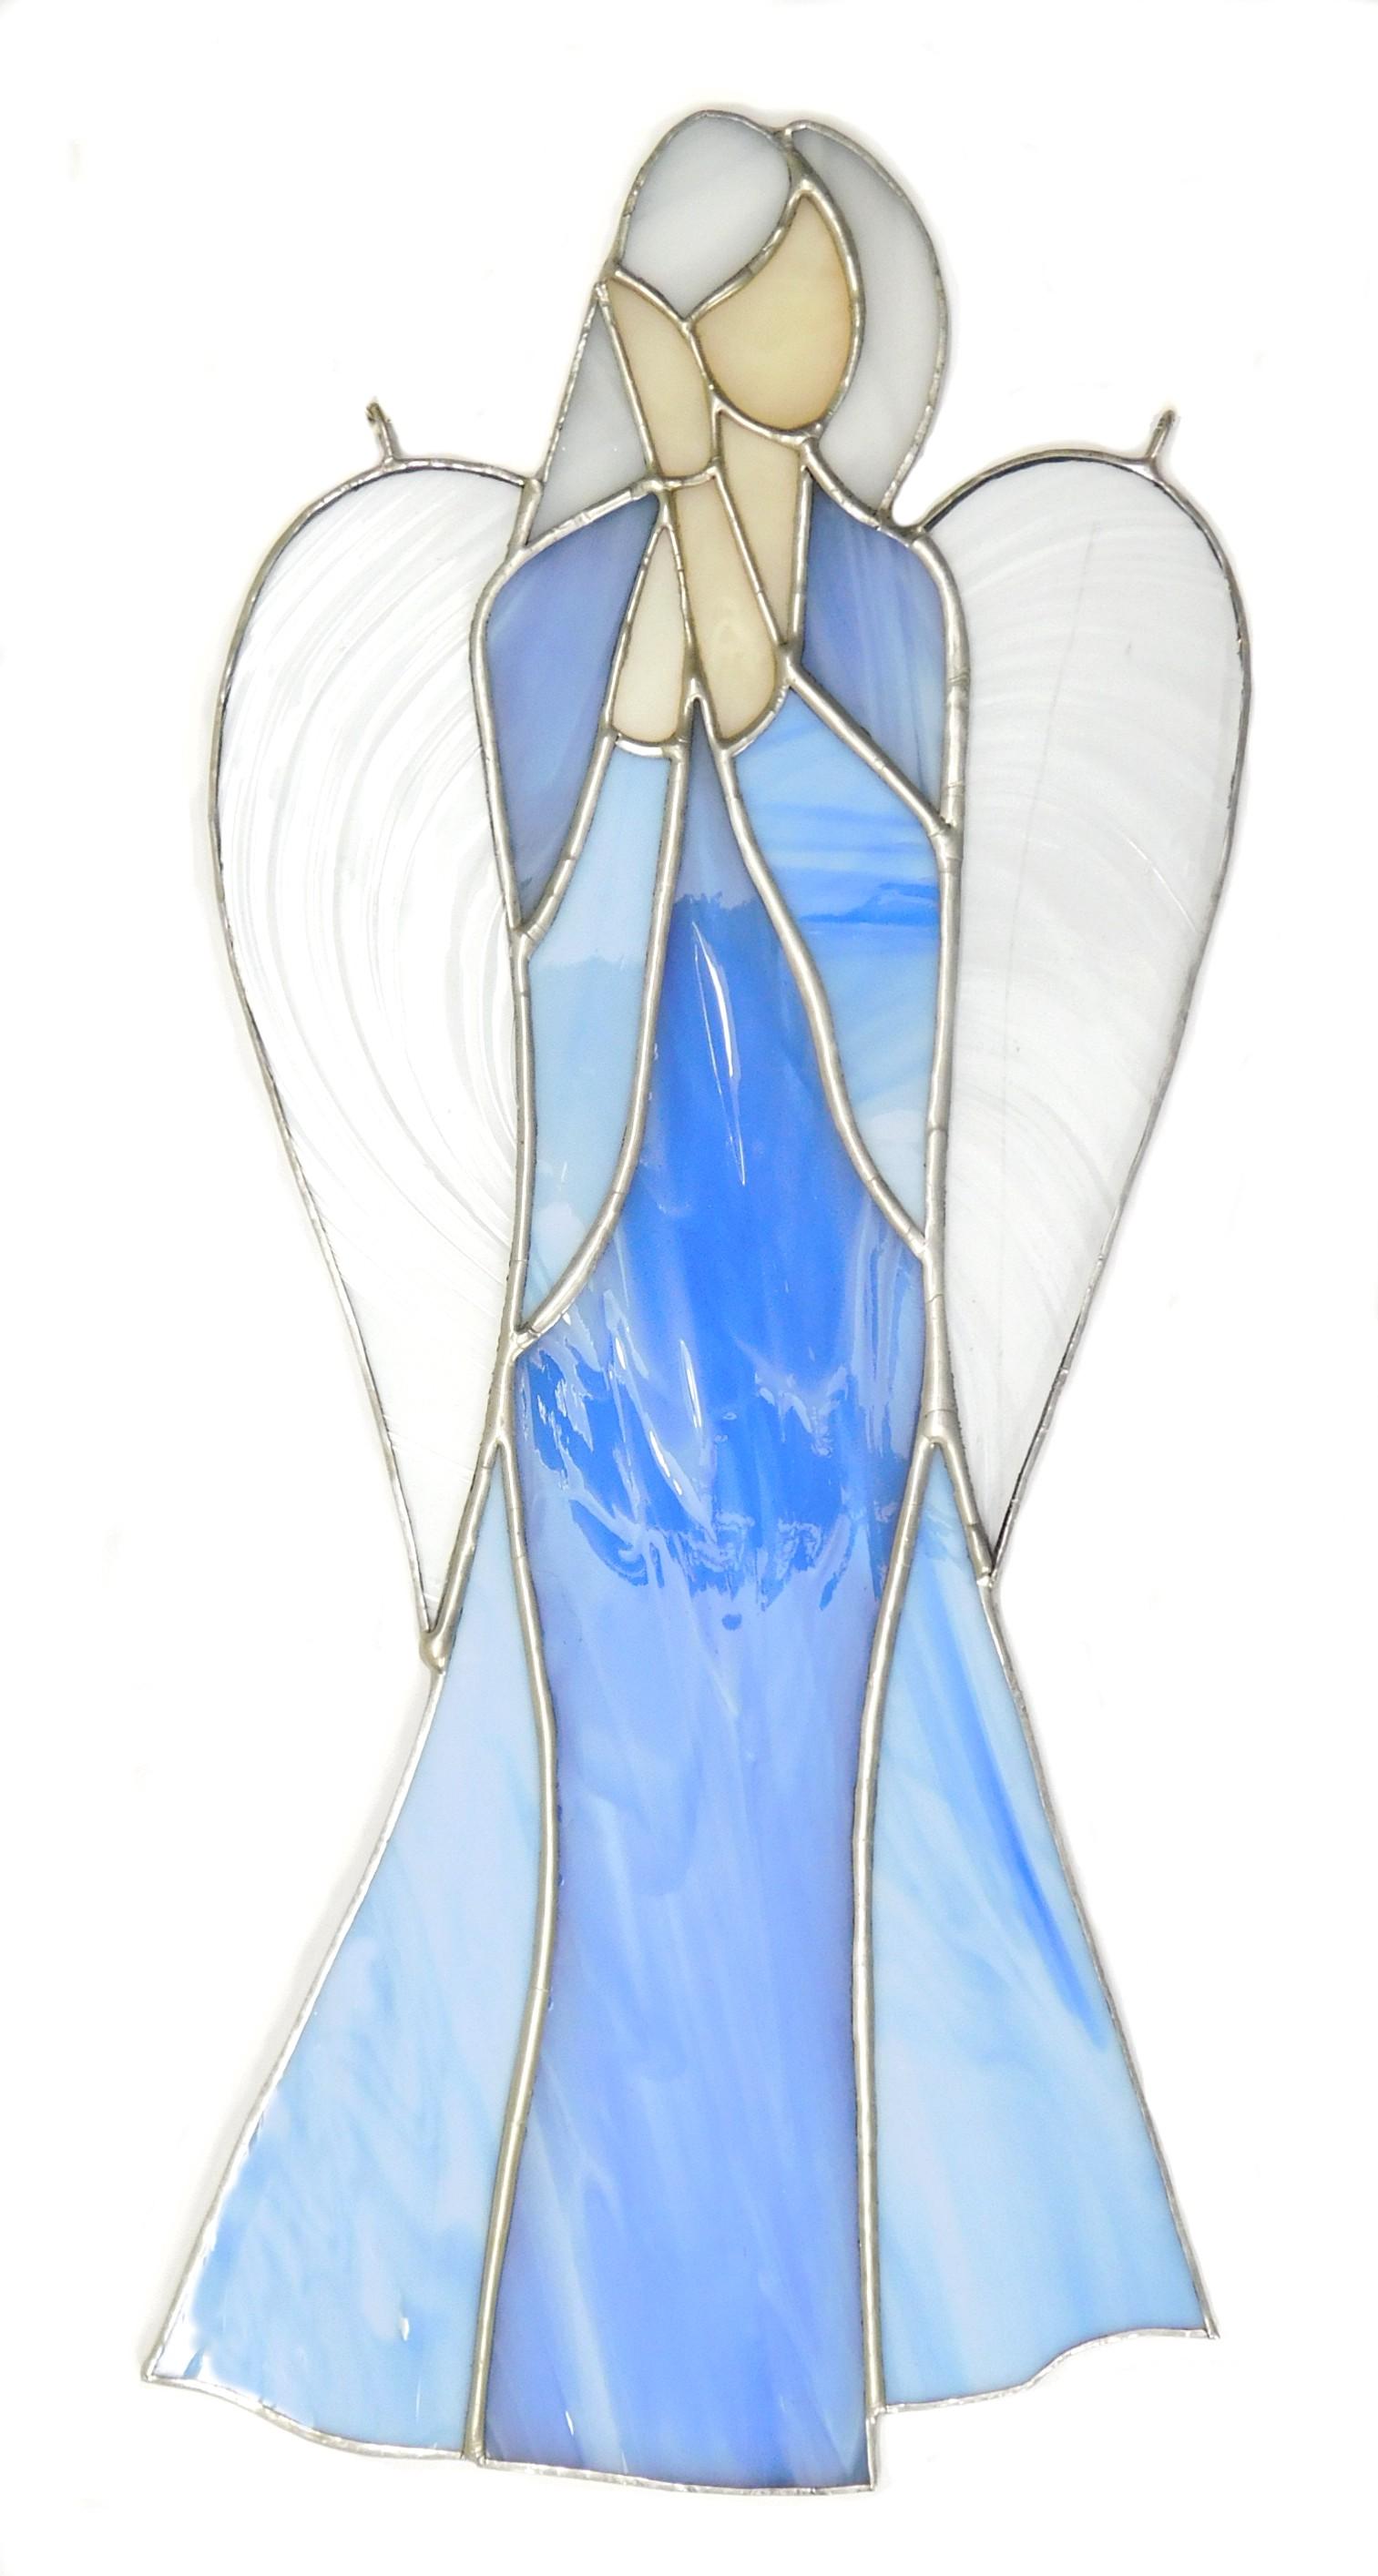 Anioł Czułości witrażowy ze szkła artystycznego, BasoLe